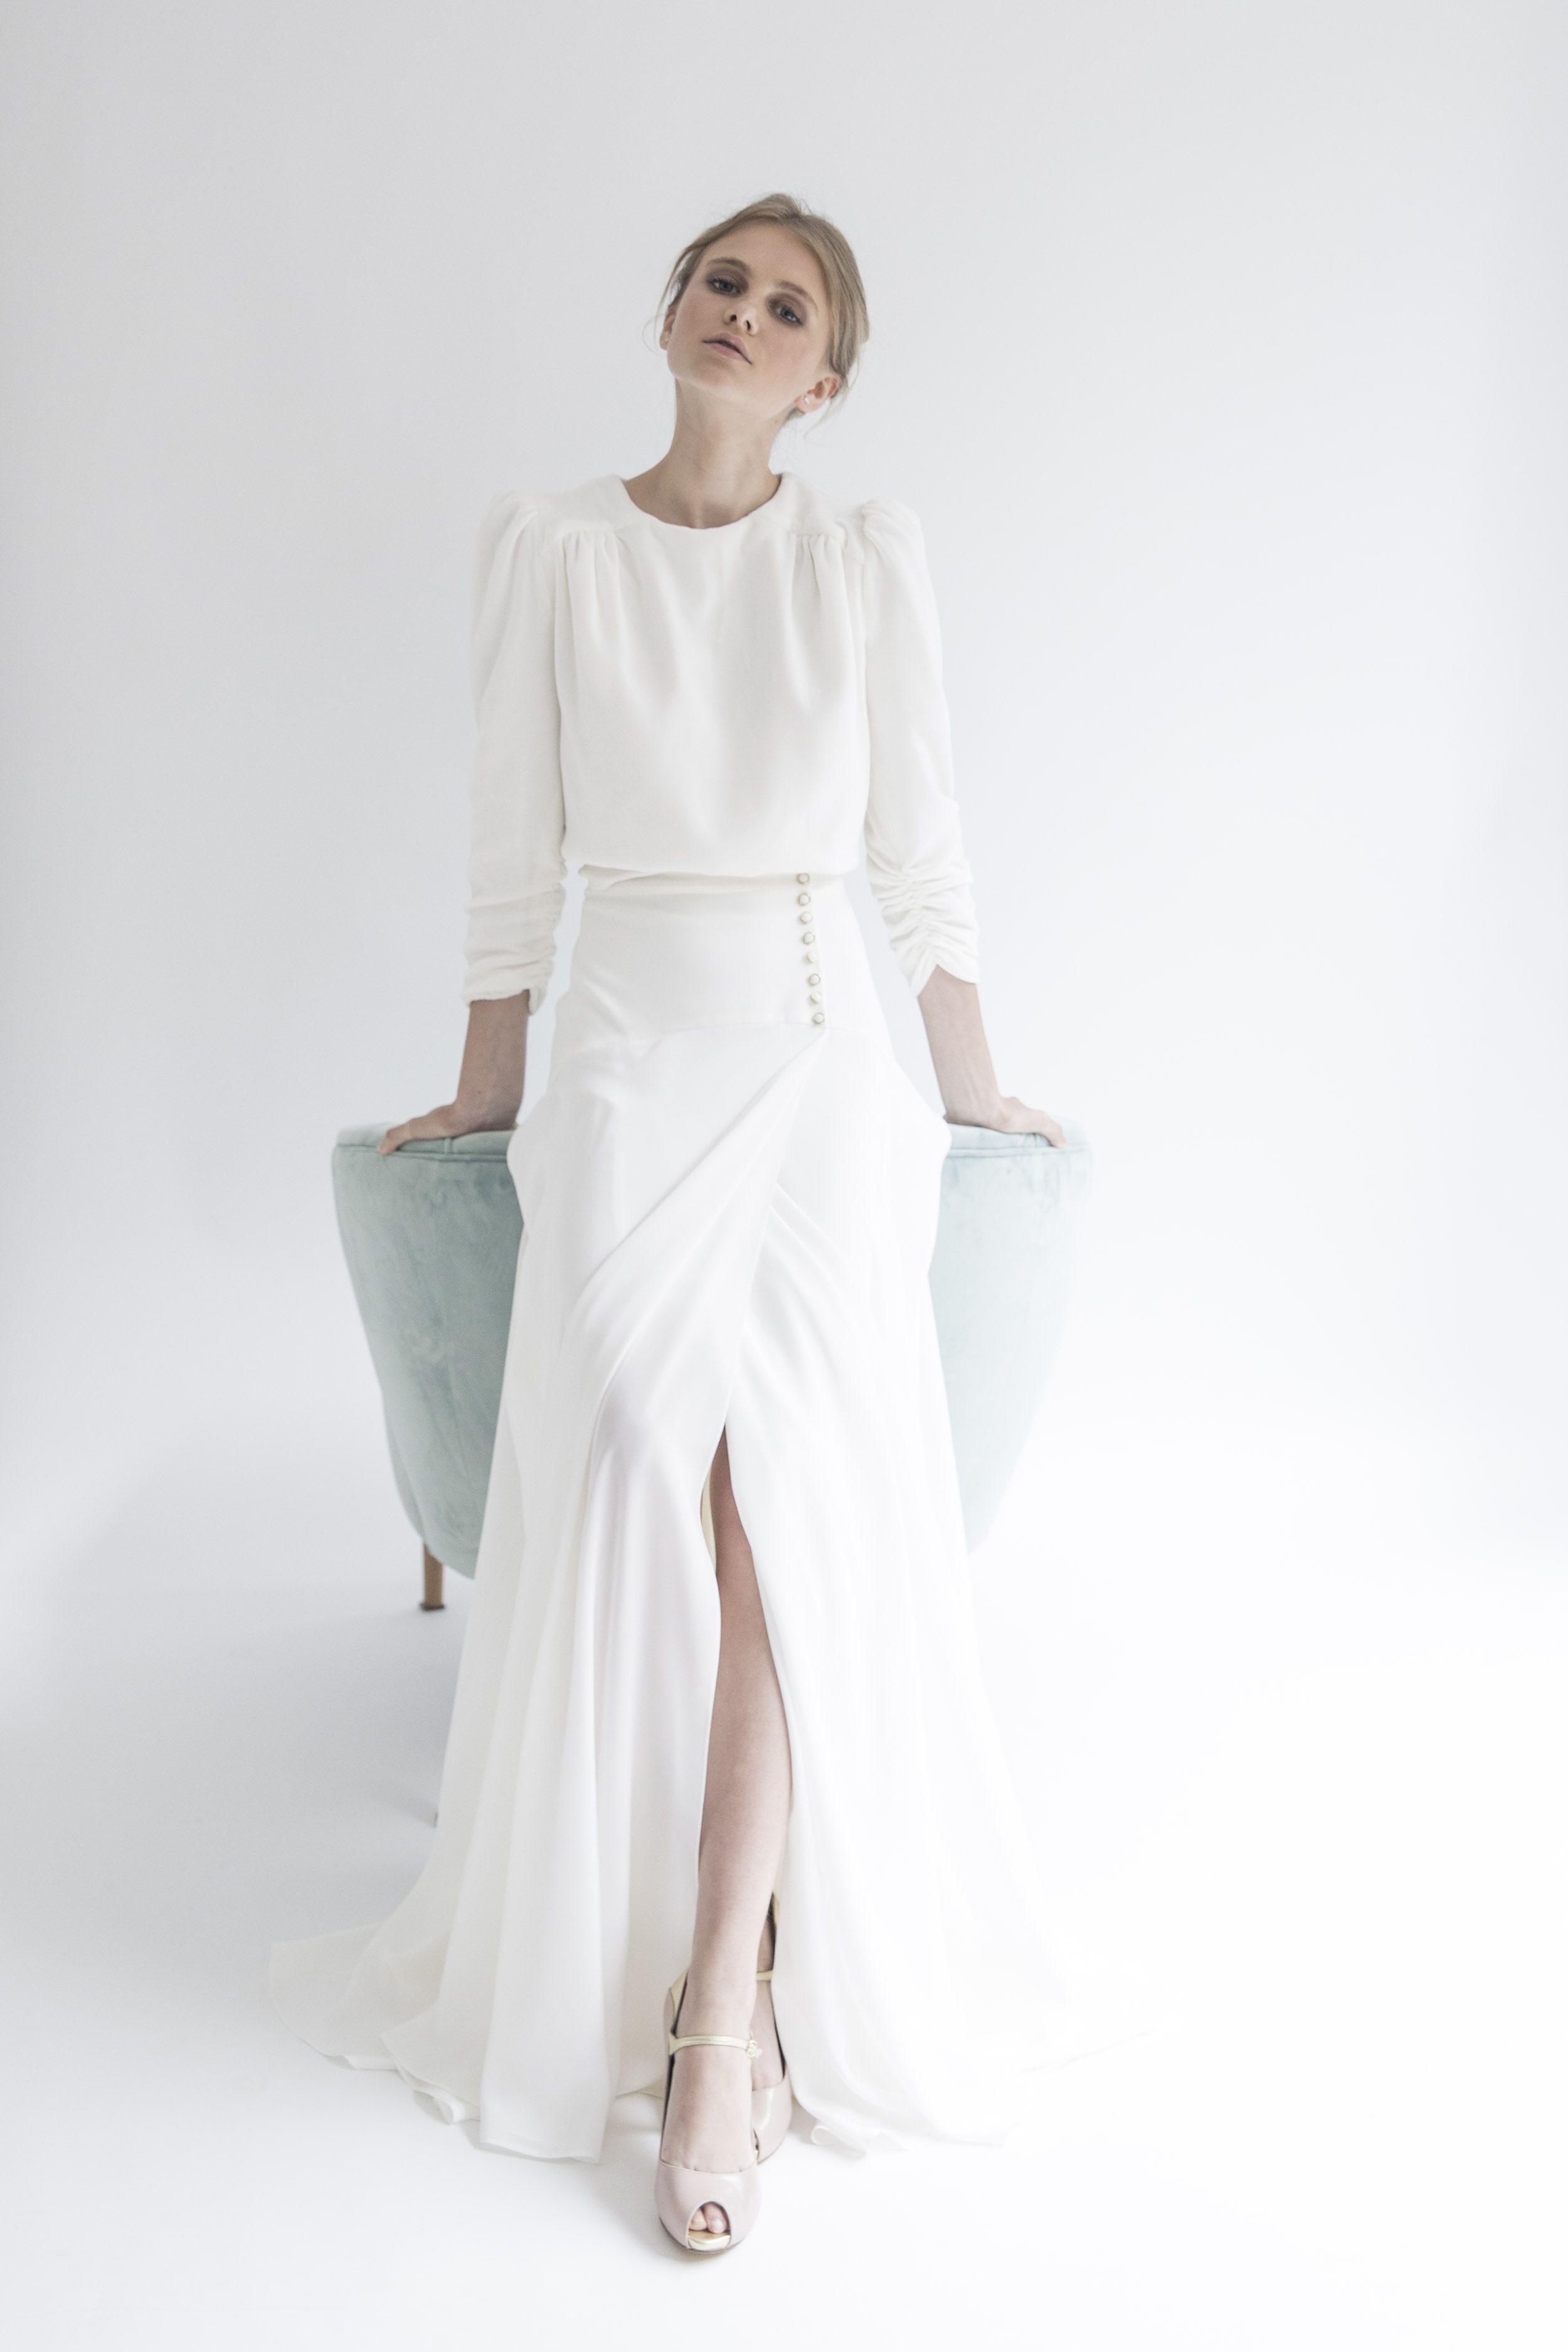 063efe18d Vestido de novia dos piezas con abertura en la falda. Blusa de ...